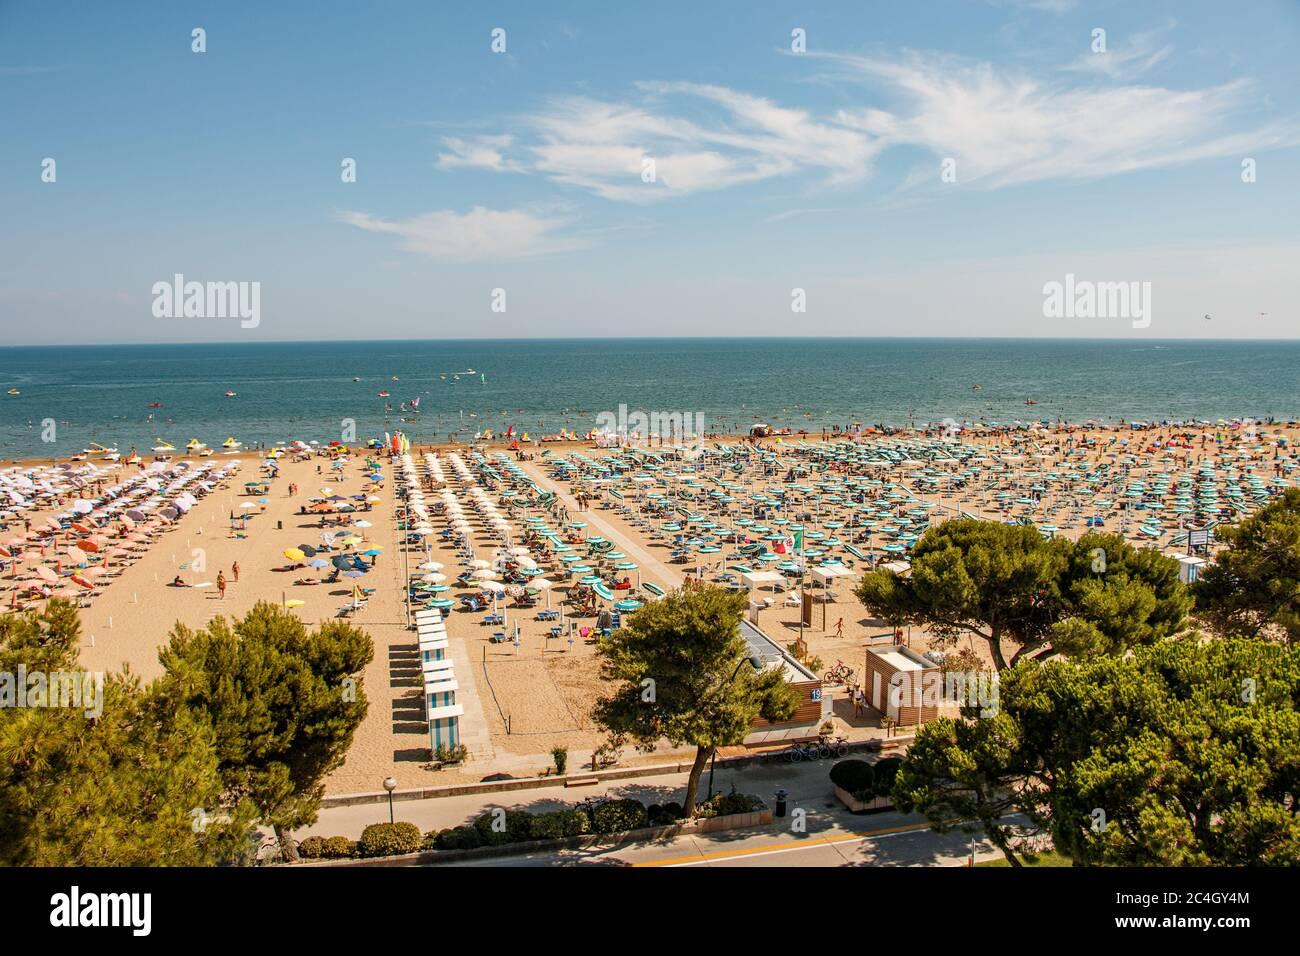 Überfüllter Strand am Meer Stock Photo